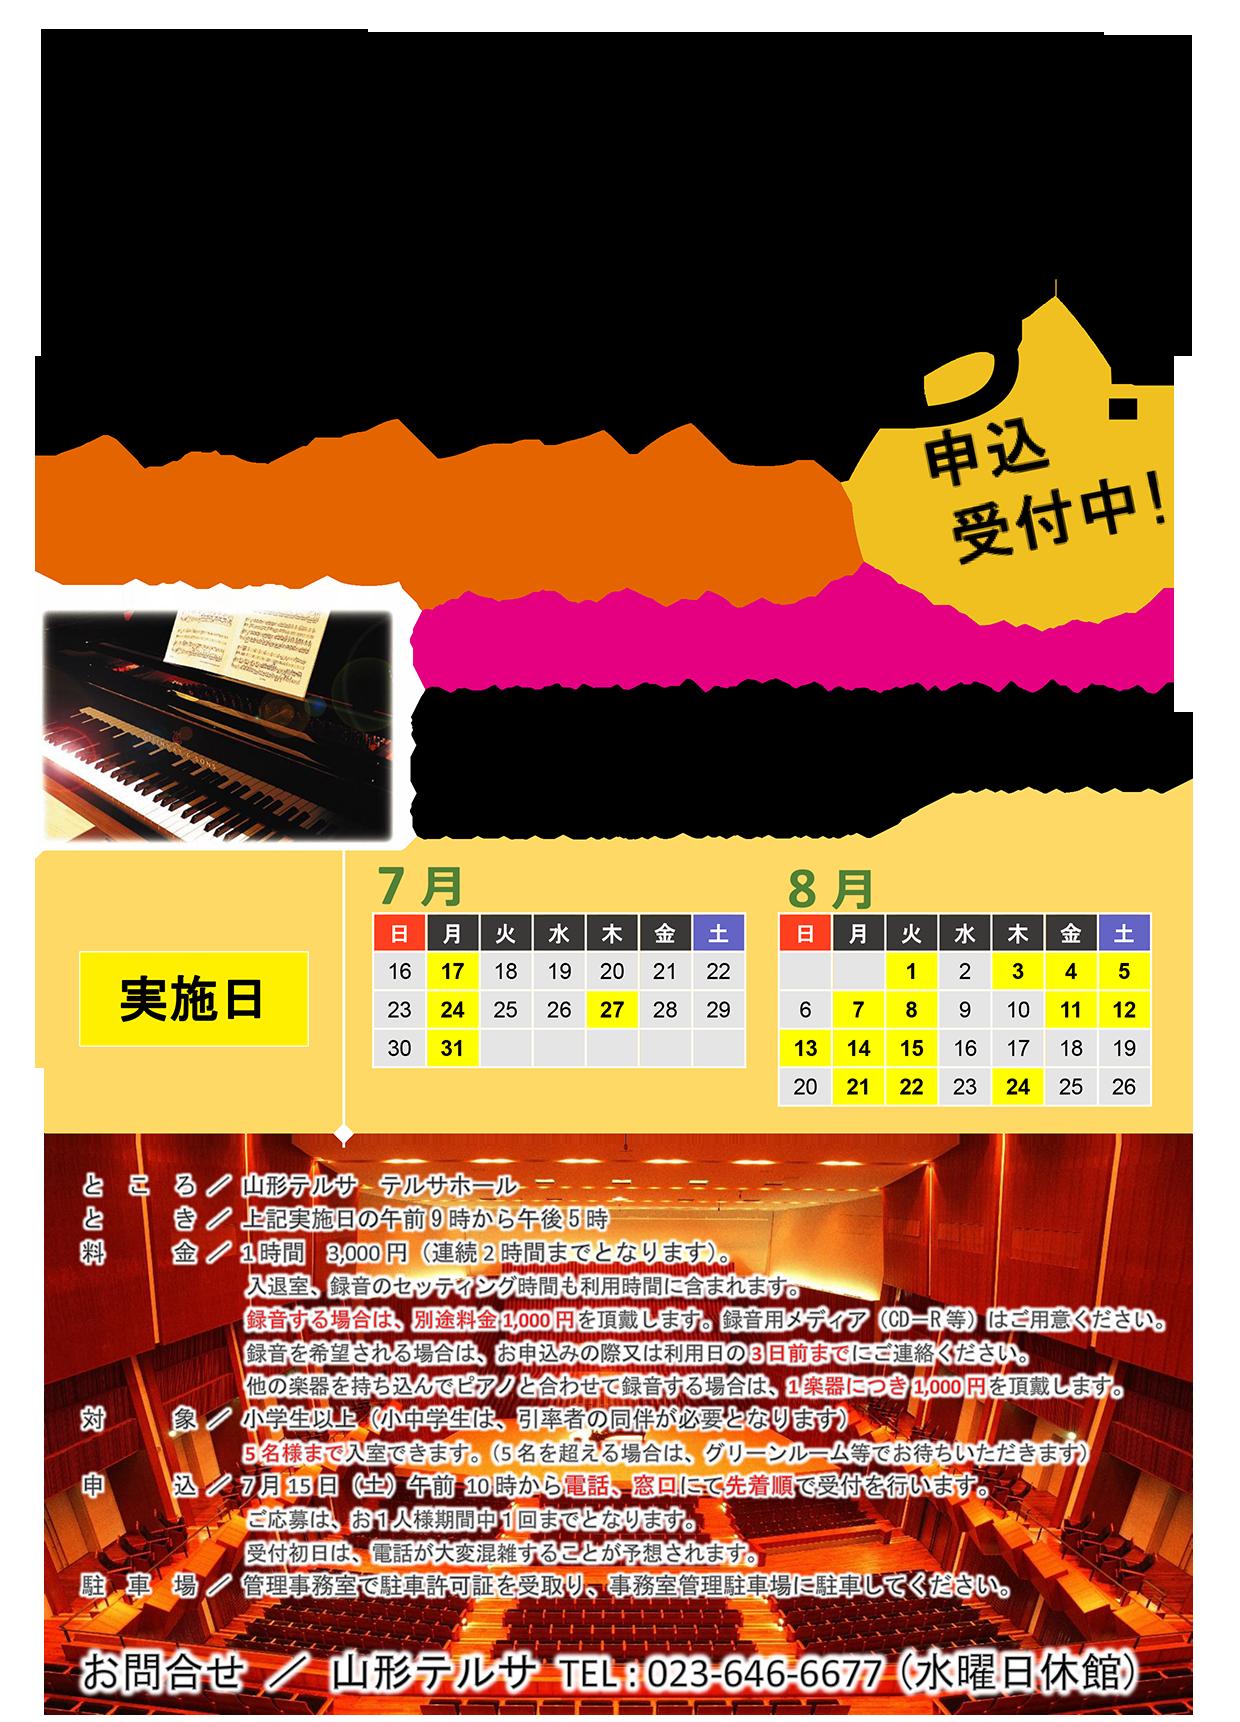 ピアノ体験第22弾 チラシ